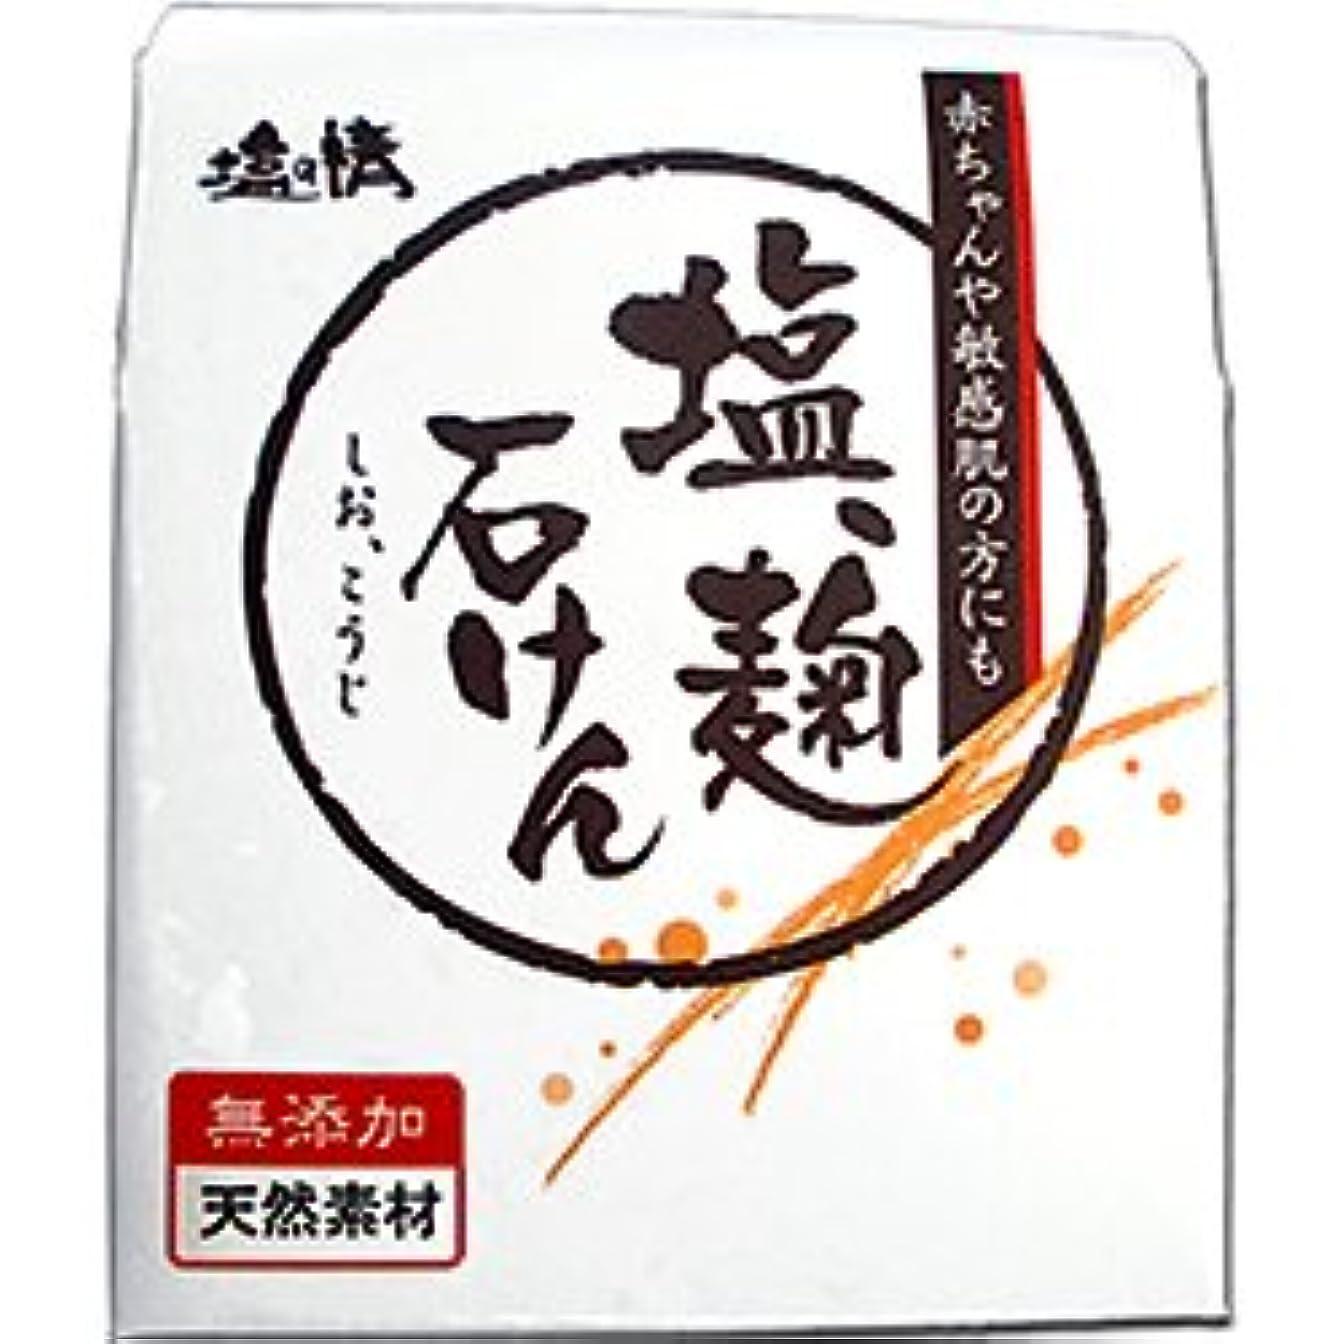 違法順応性のある途方もない【ダイムヘルスケア】塩の精 塩、麹石けん(しお、こうじせっけん) 無添加?天然素材 80g ×20個セット